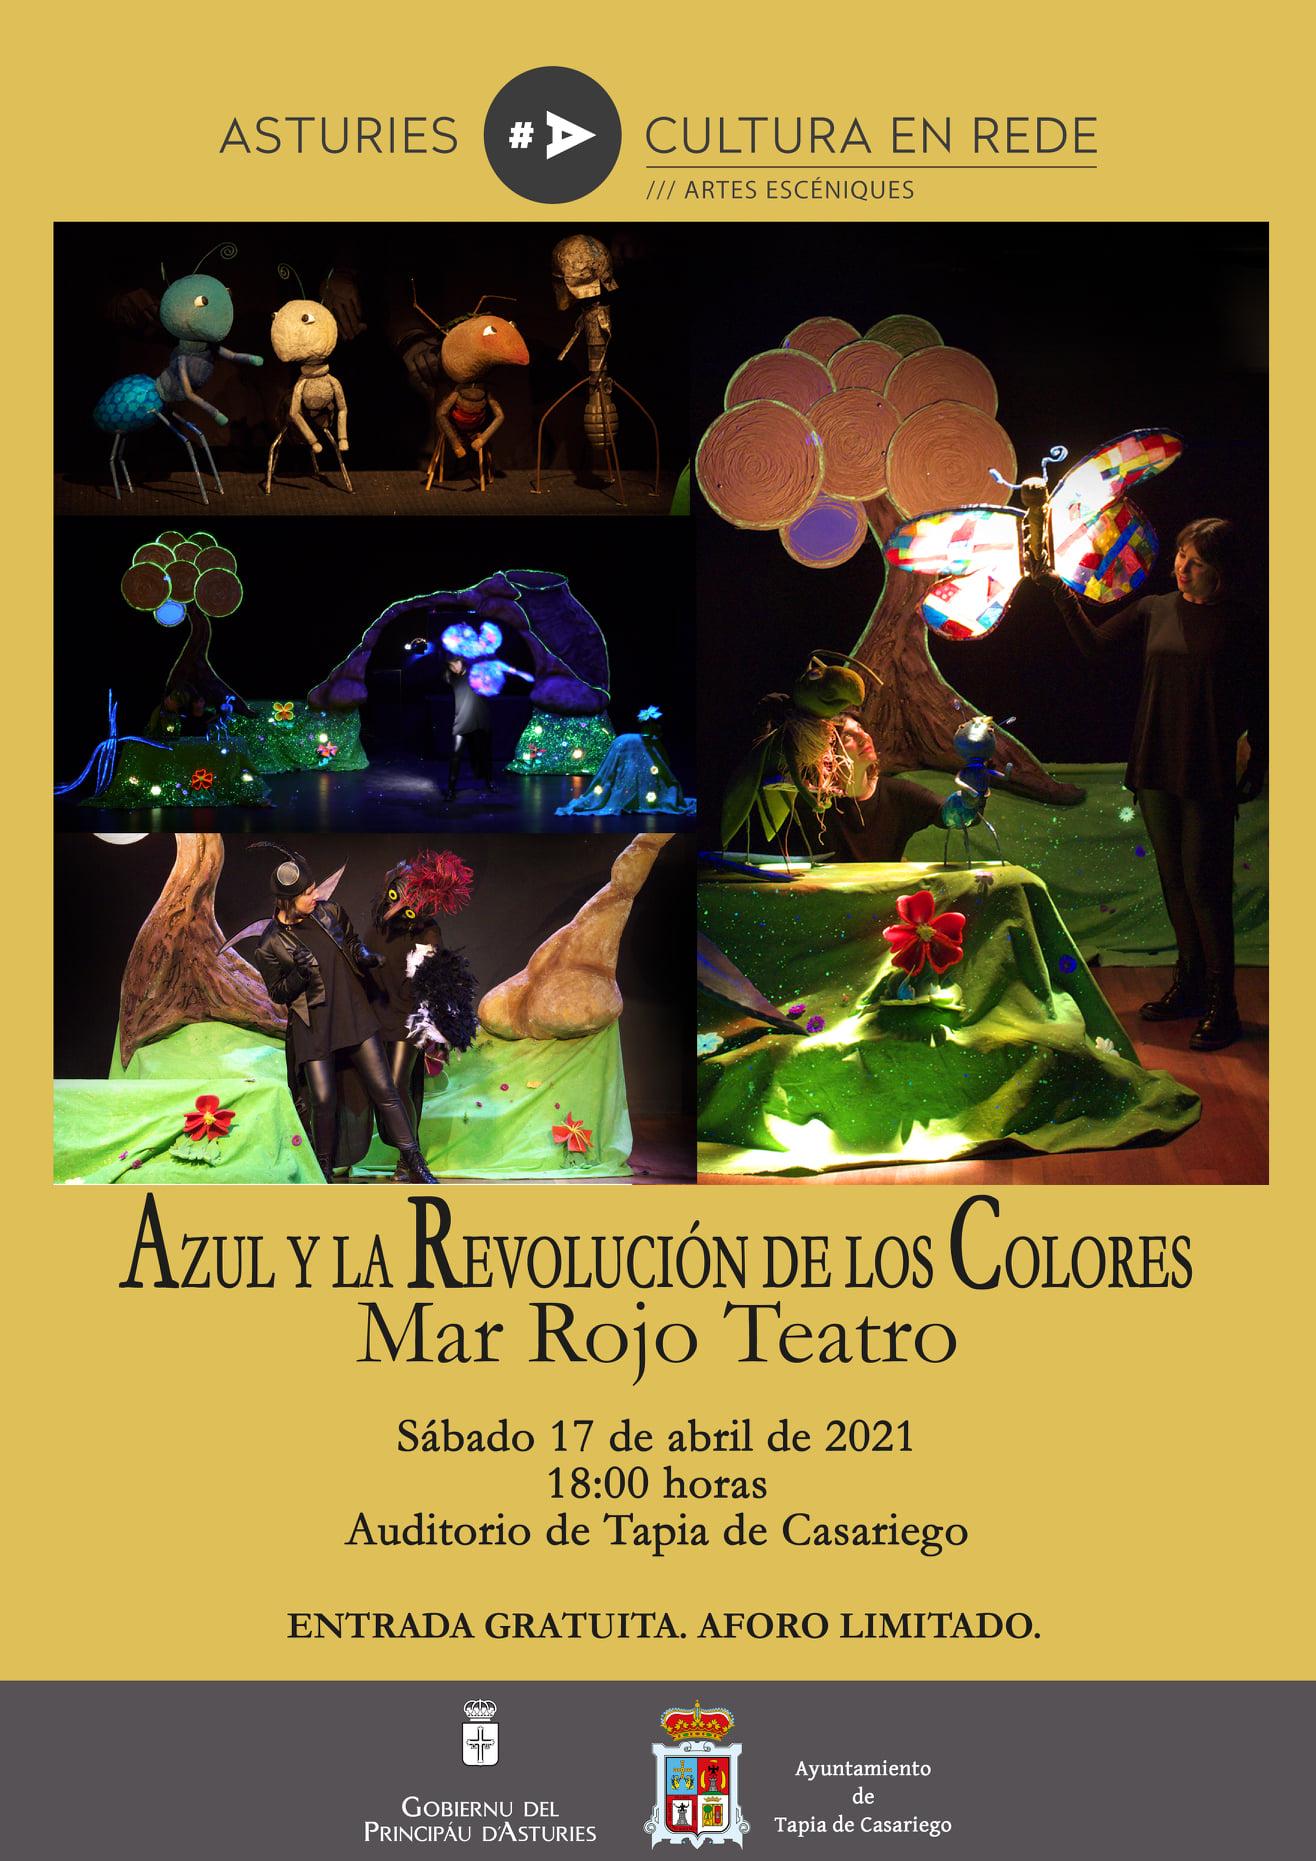 azul-y-la-revolucion-de-los-colores-mar-rojo-teatro-tapia